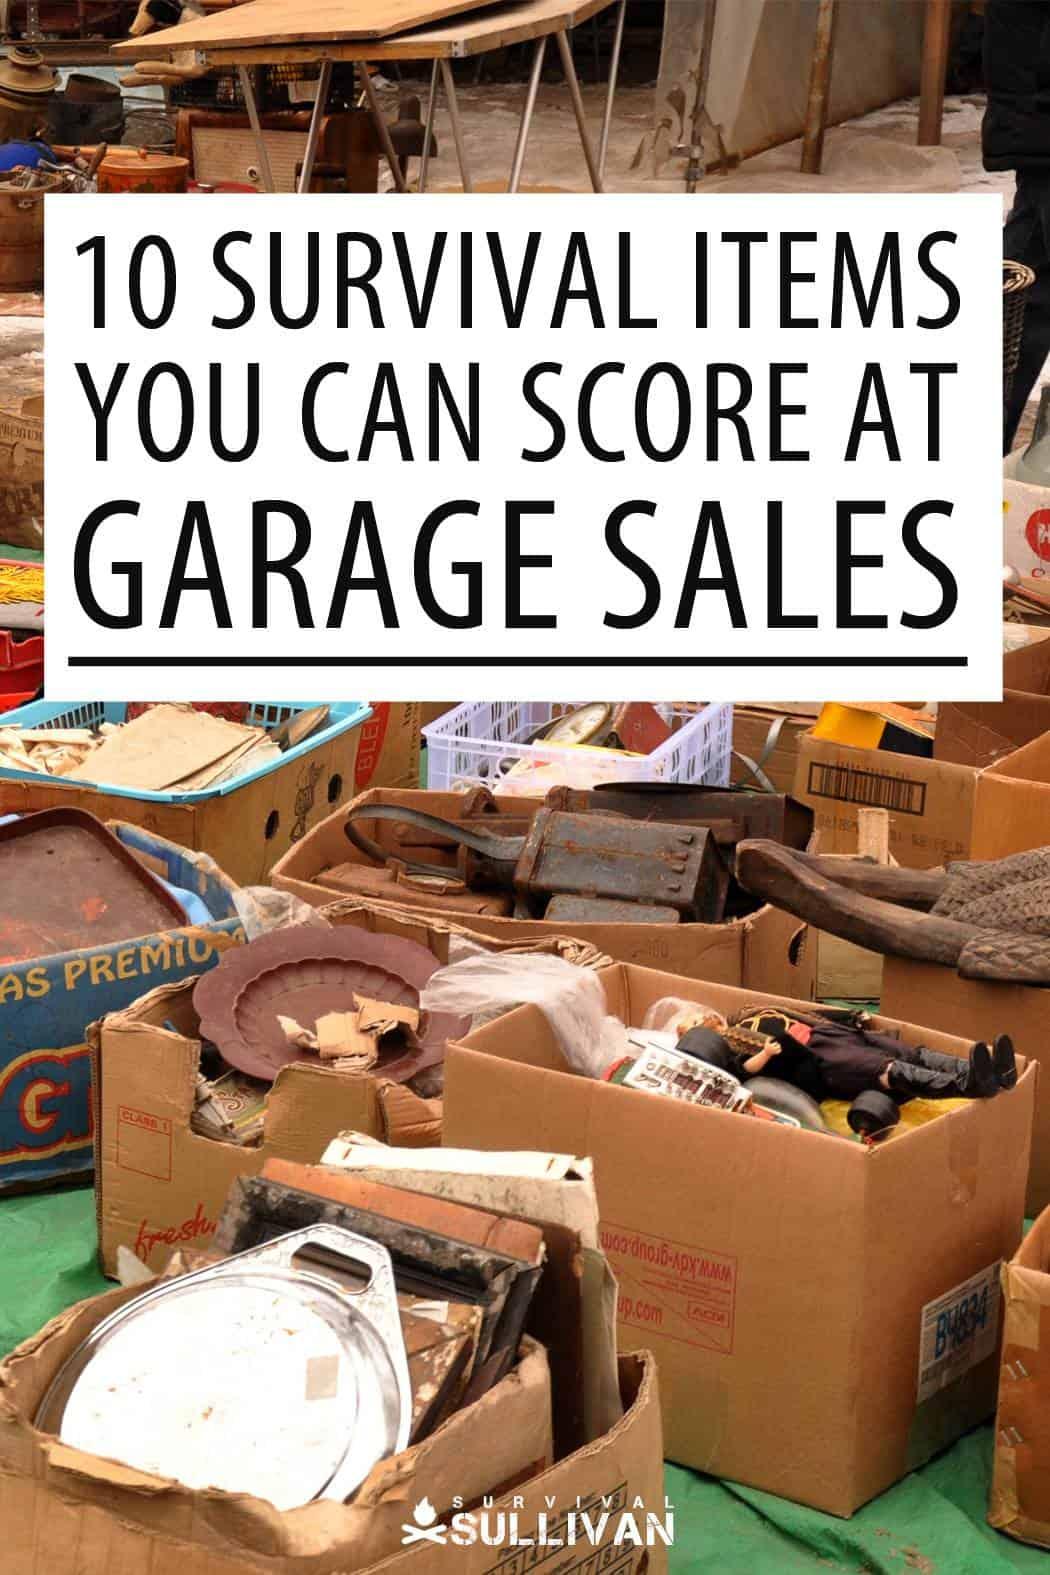 garage sales gear Pinterest image